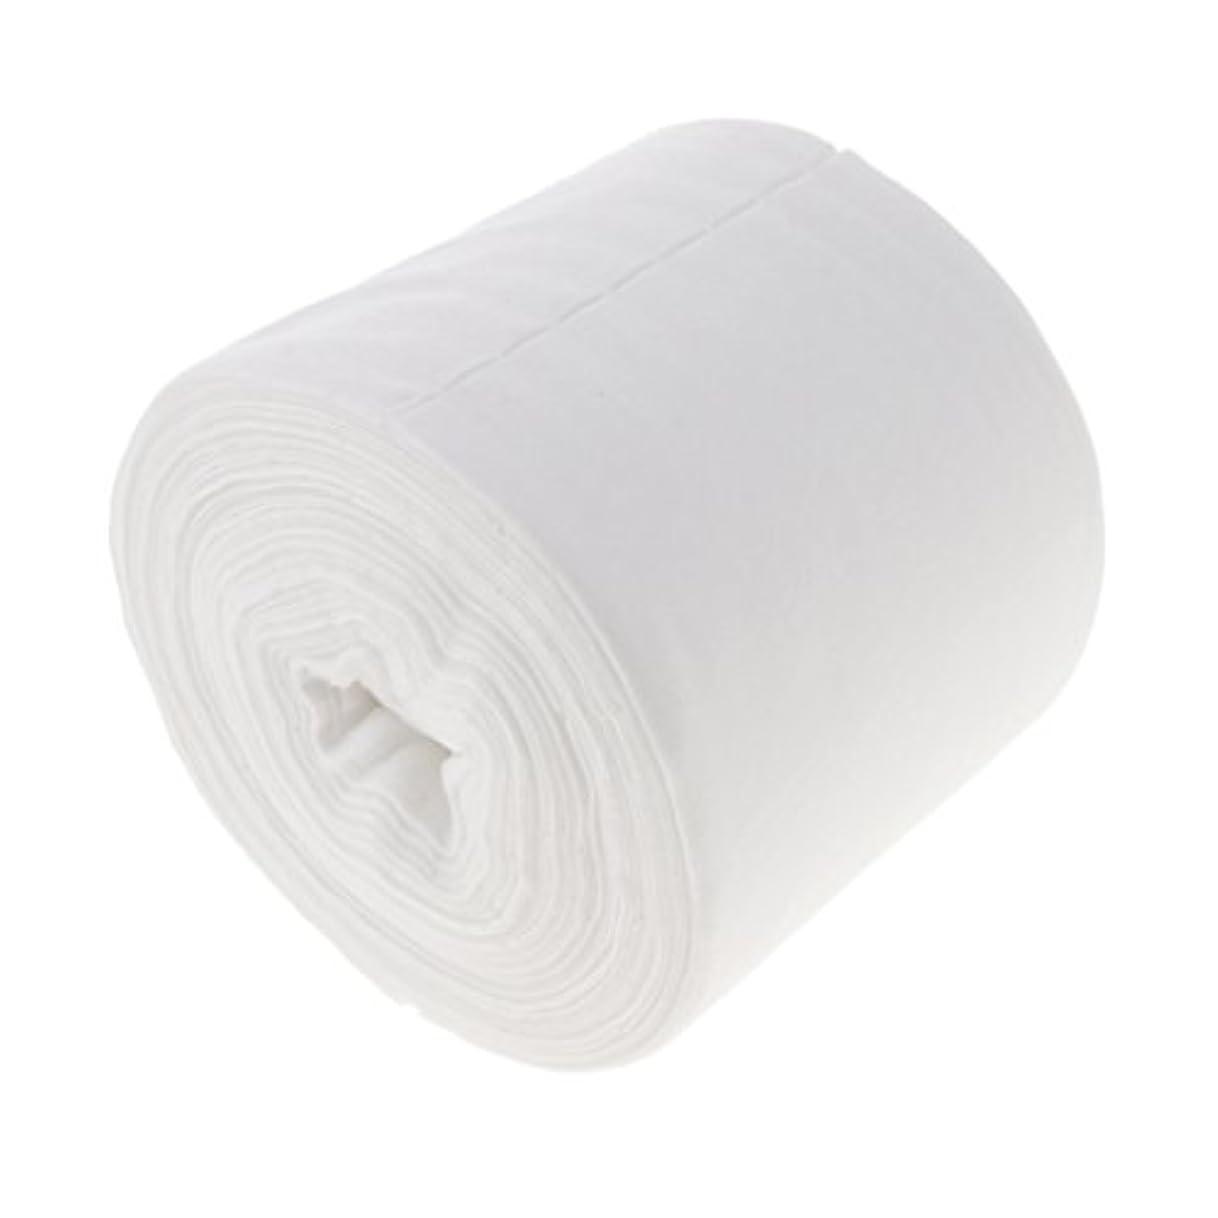 ハードリングマークオーバーランPerfk 洗顔 クリーニング タオル 使い捨て 顔用タオル 柔らかい